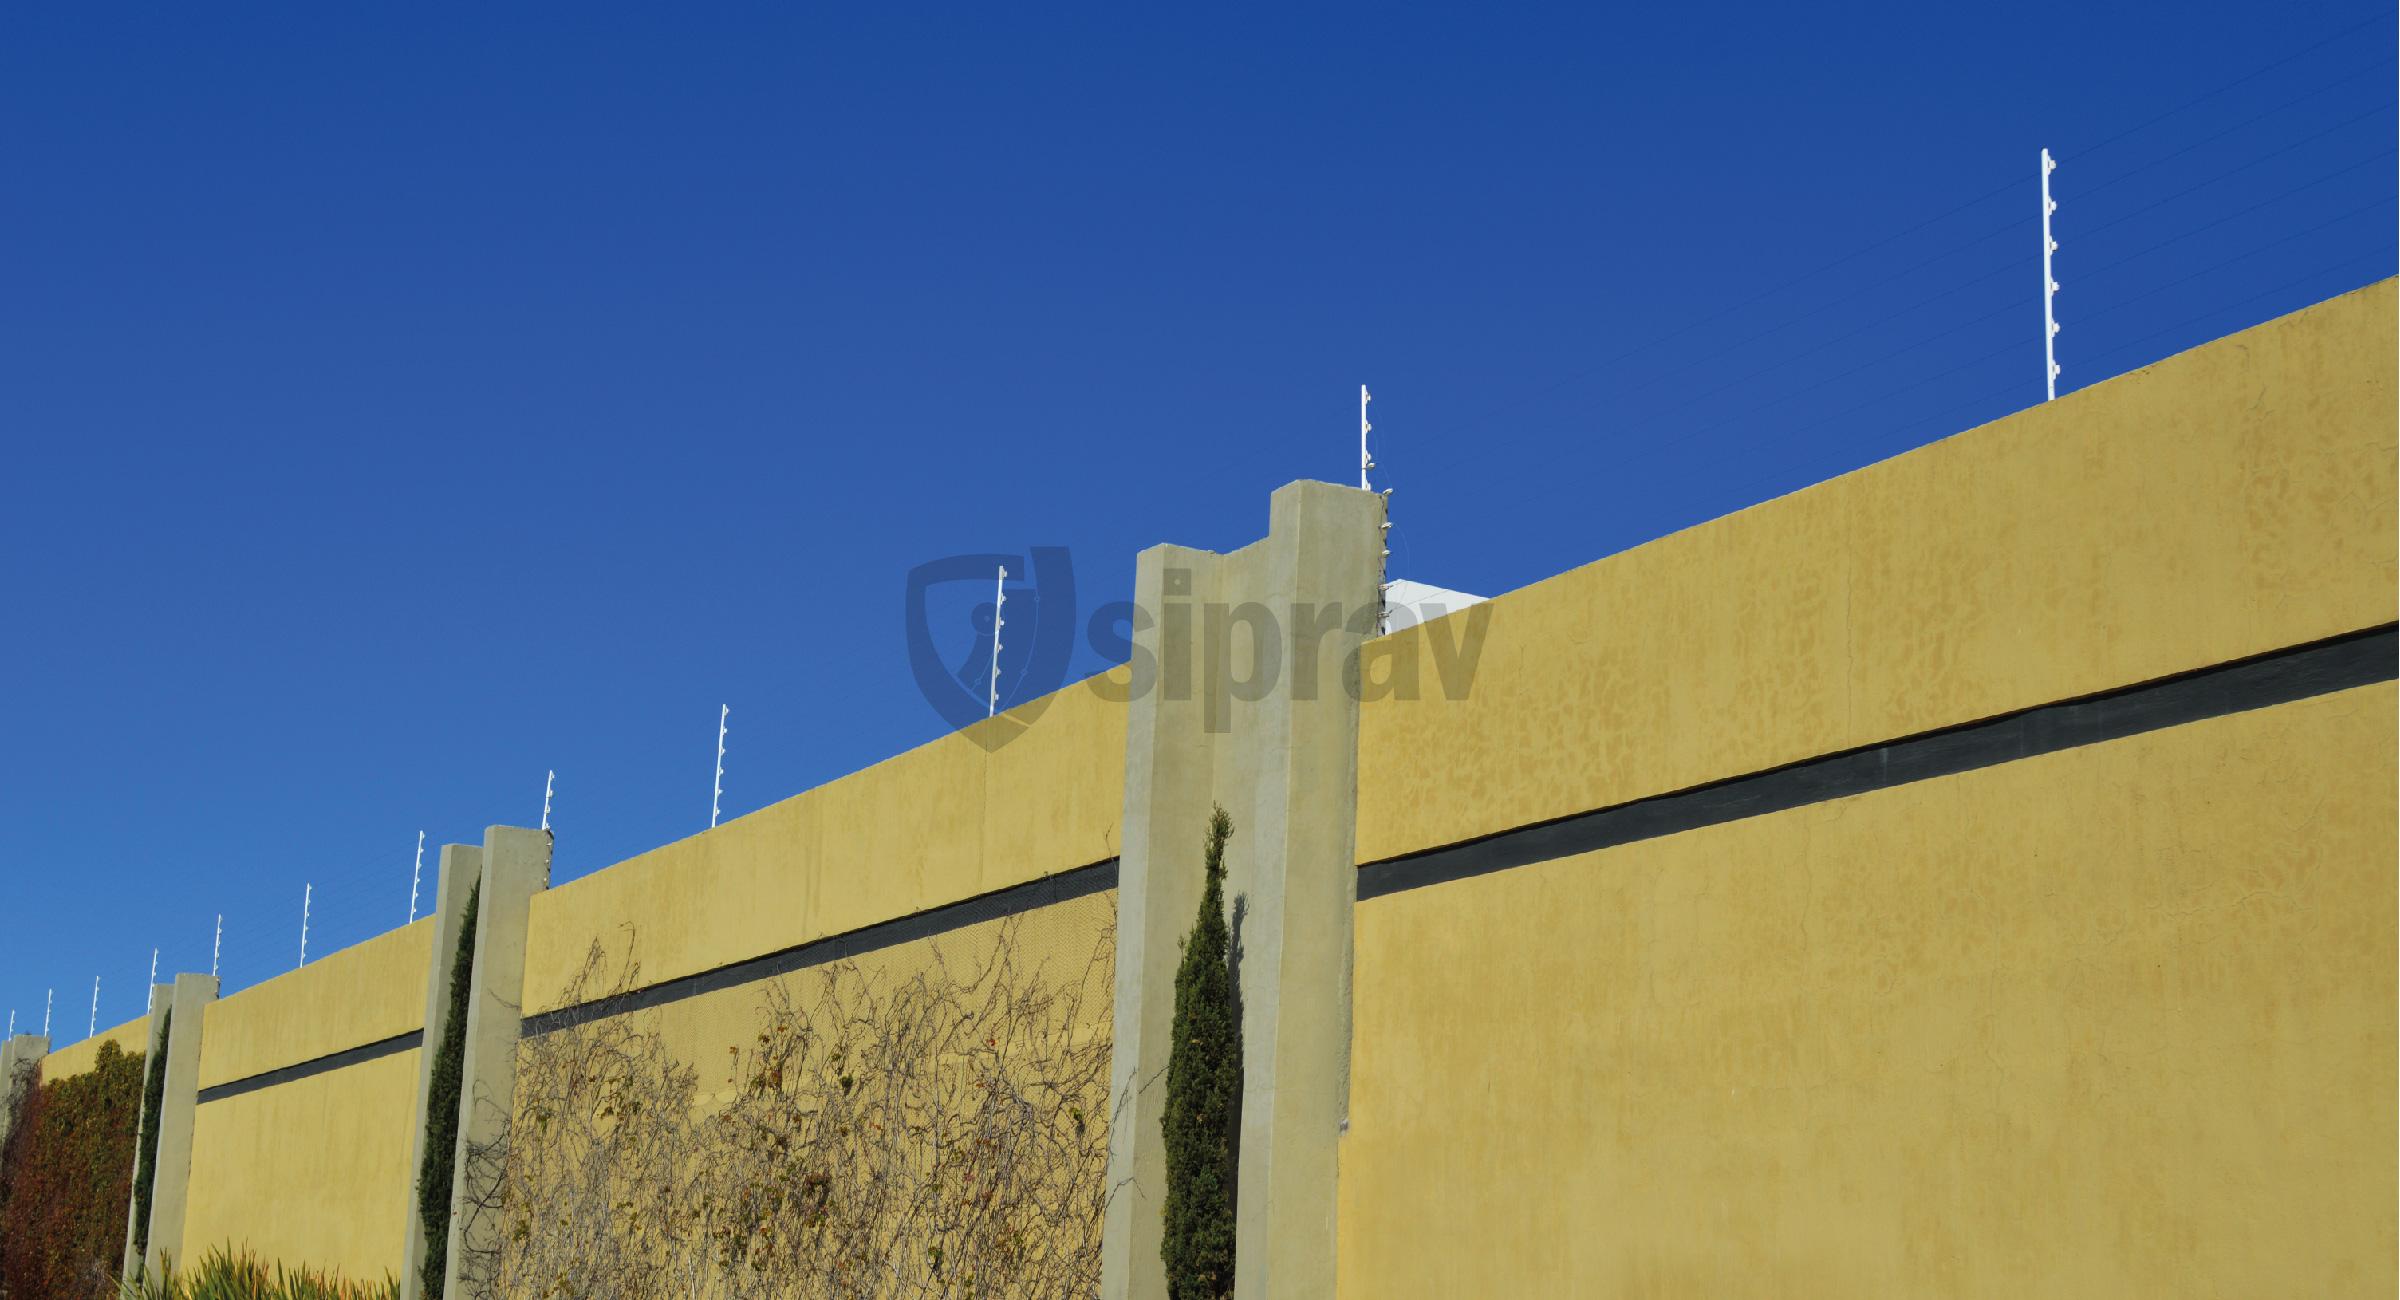 Cerco Eléctrico Cercas Eléctricas sobre muro.